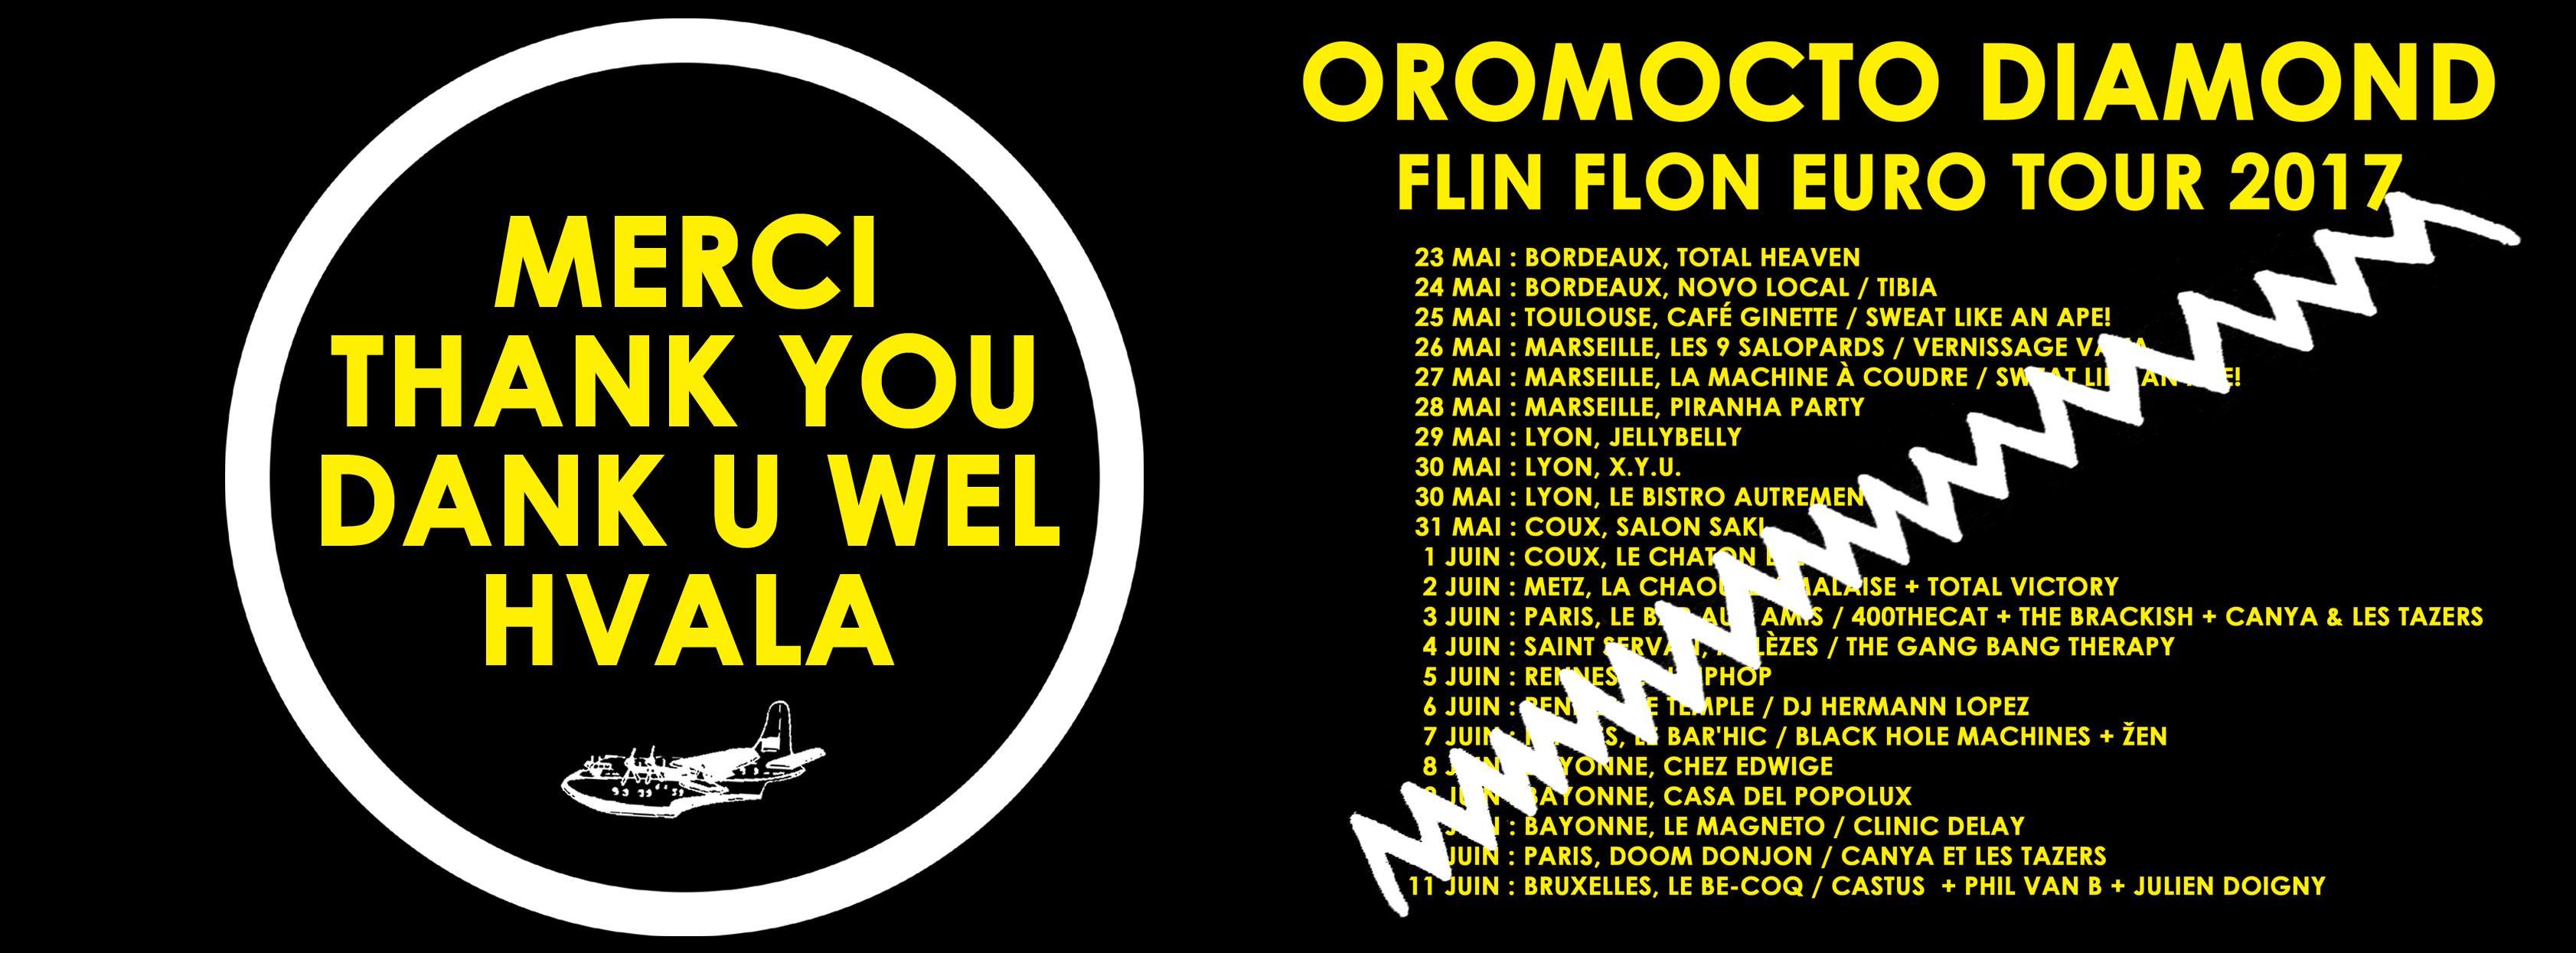 Oromocto Diamond - Flin Flon Euro Tour 2017